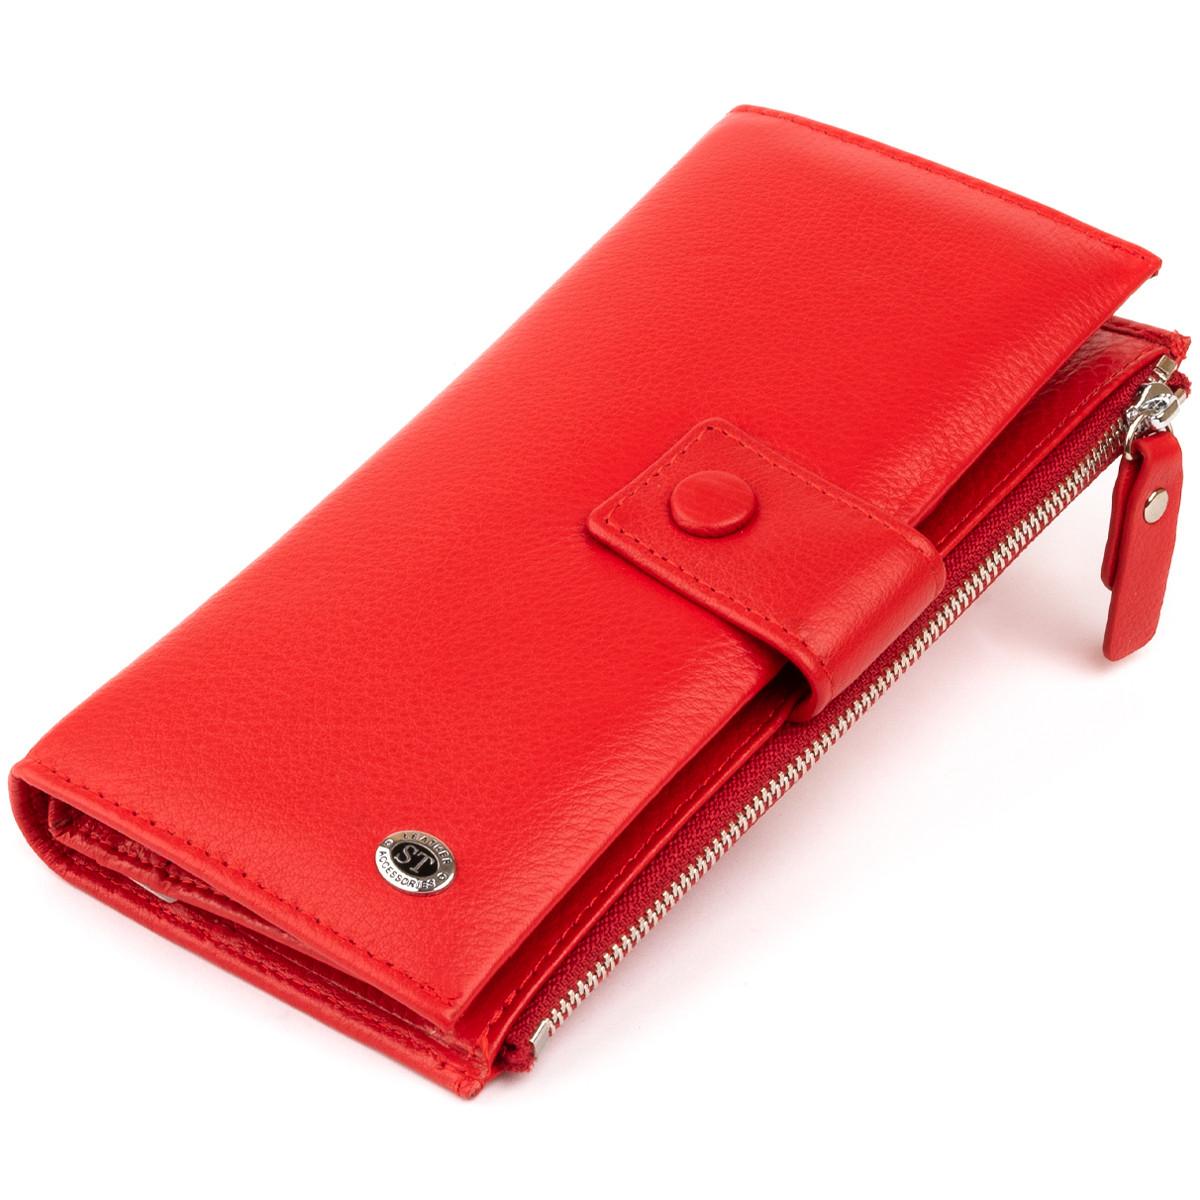 Оригинальный кошелек кожаный женский на хлястике с кнопкой ST Leather 40281 Красный